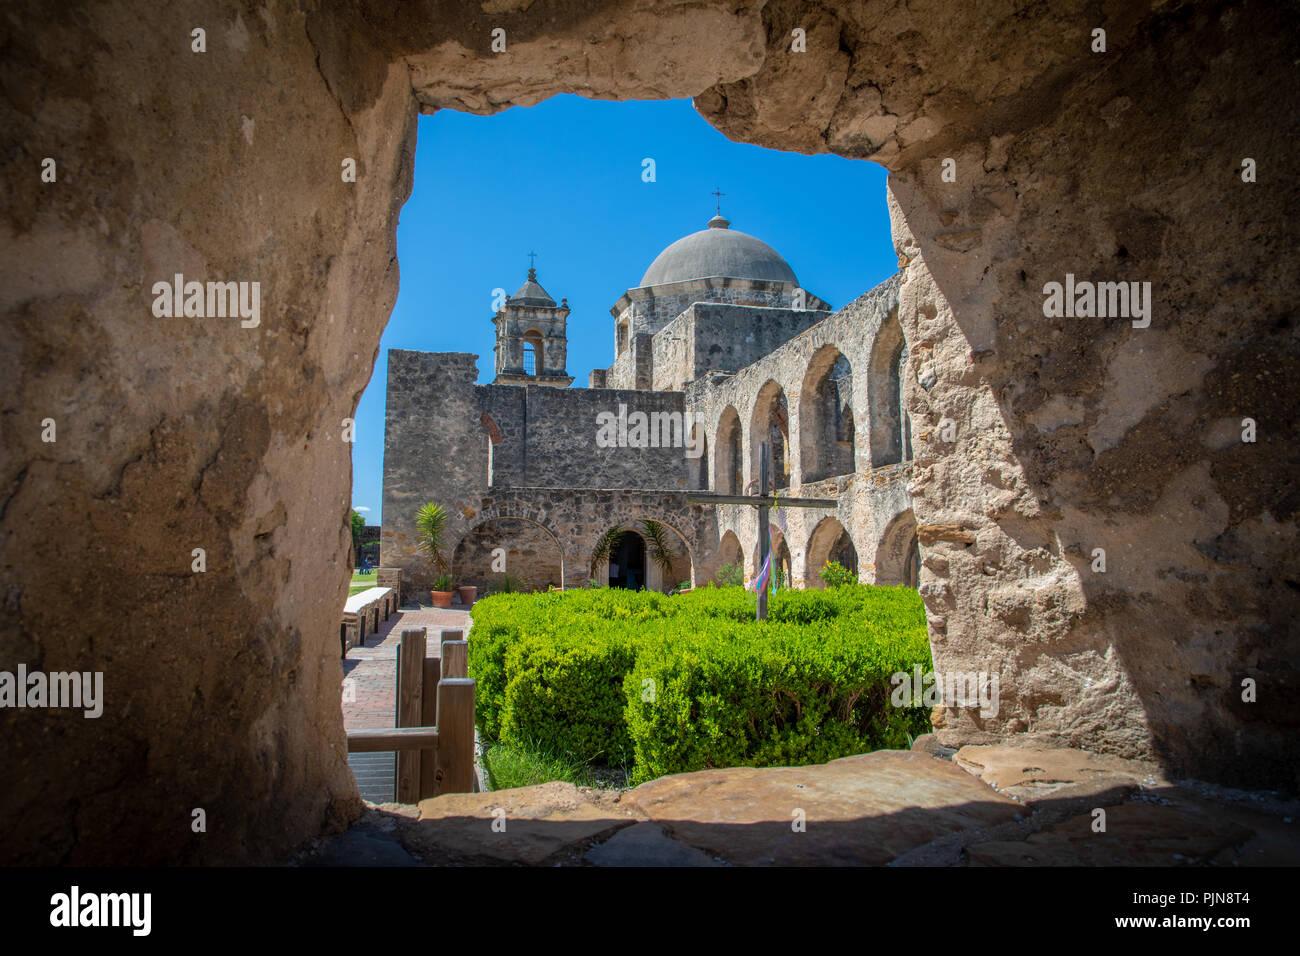 La missione di San José y San Miguel de Aguayo è una storica missione cattolica di San Antonio, Texas, Stati Uniti d'America. Immagini Stock